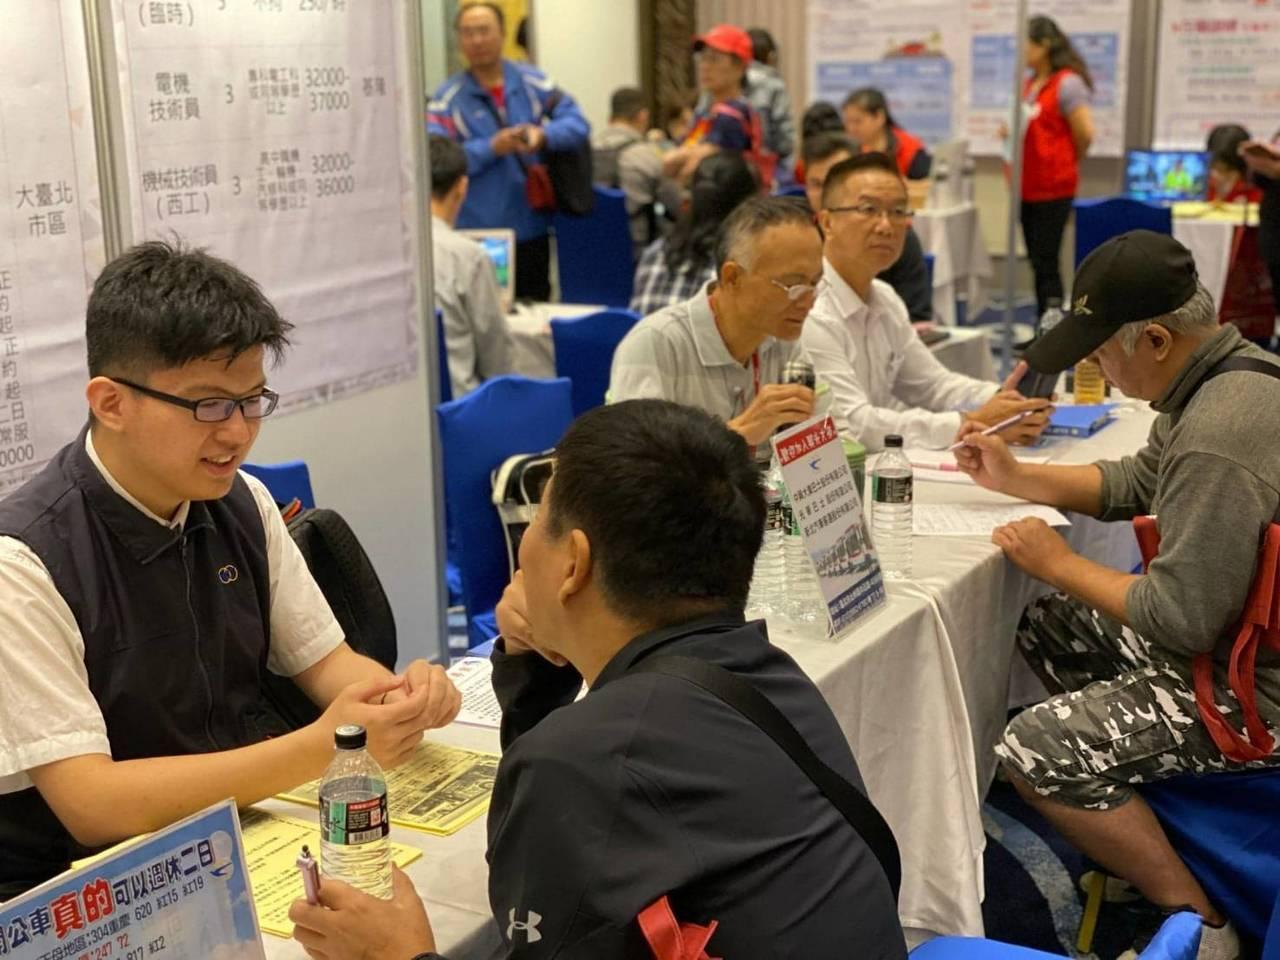 勞動部北分署基隆就業中心今天在基隆長榮桂冠酒店舉辦大型徵才活動,提供1千餘工作機...